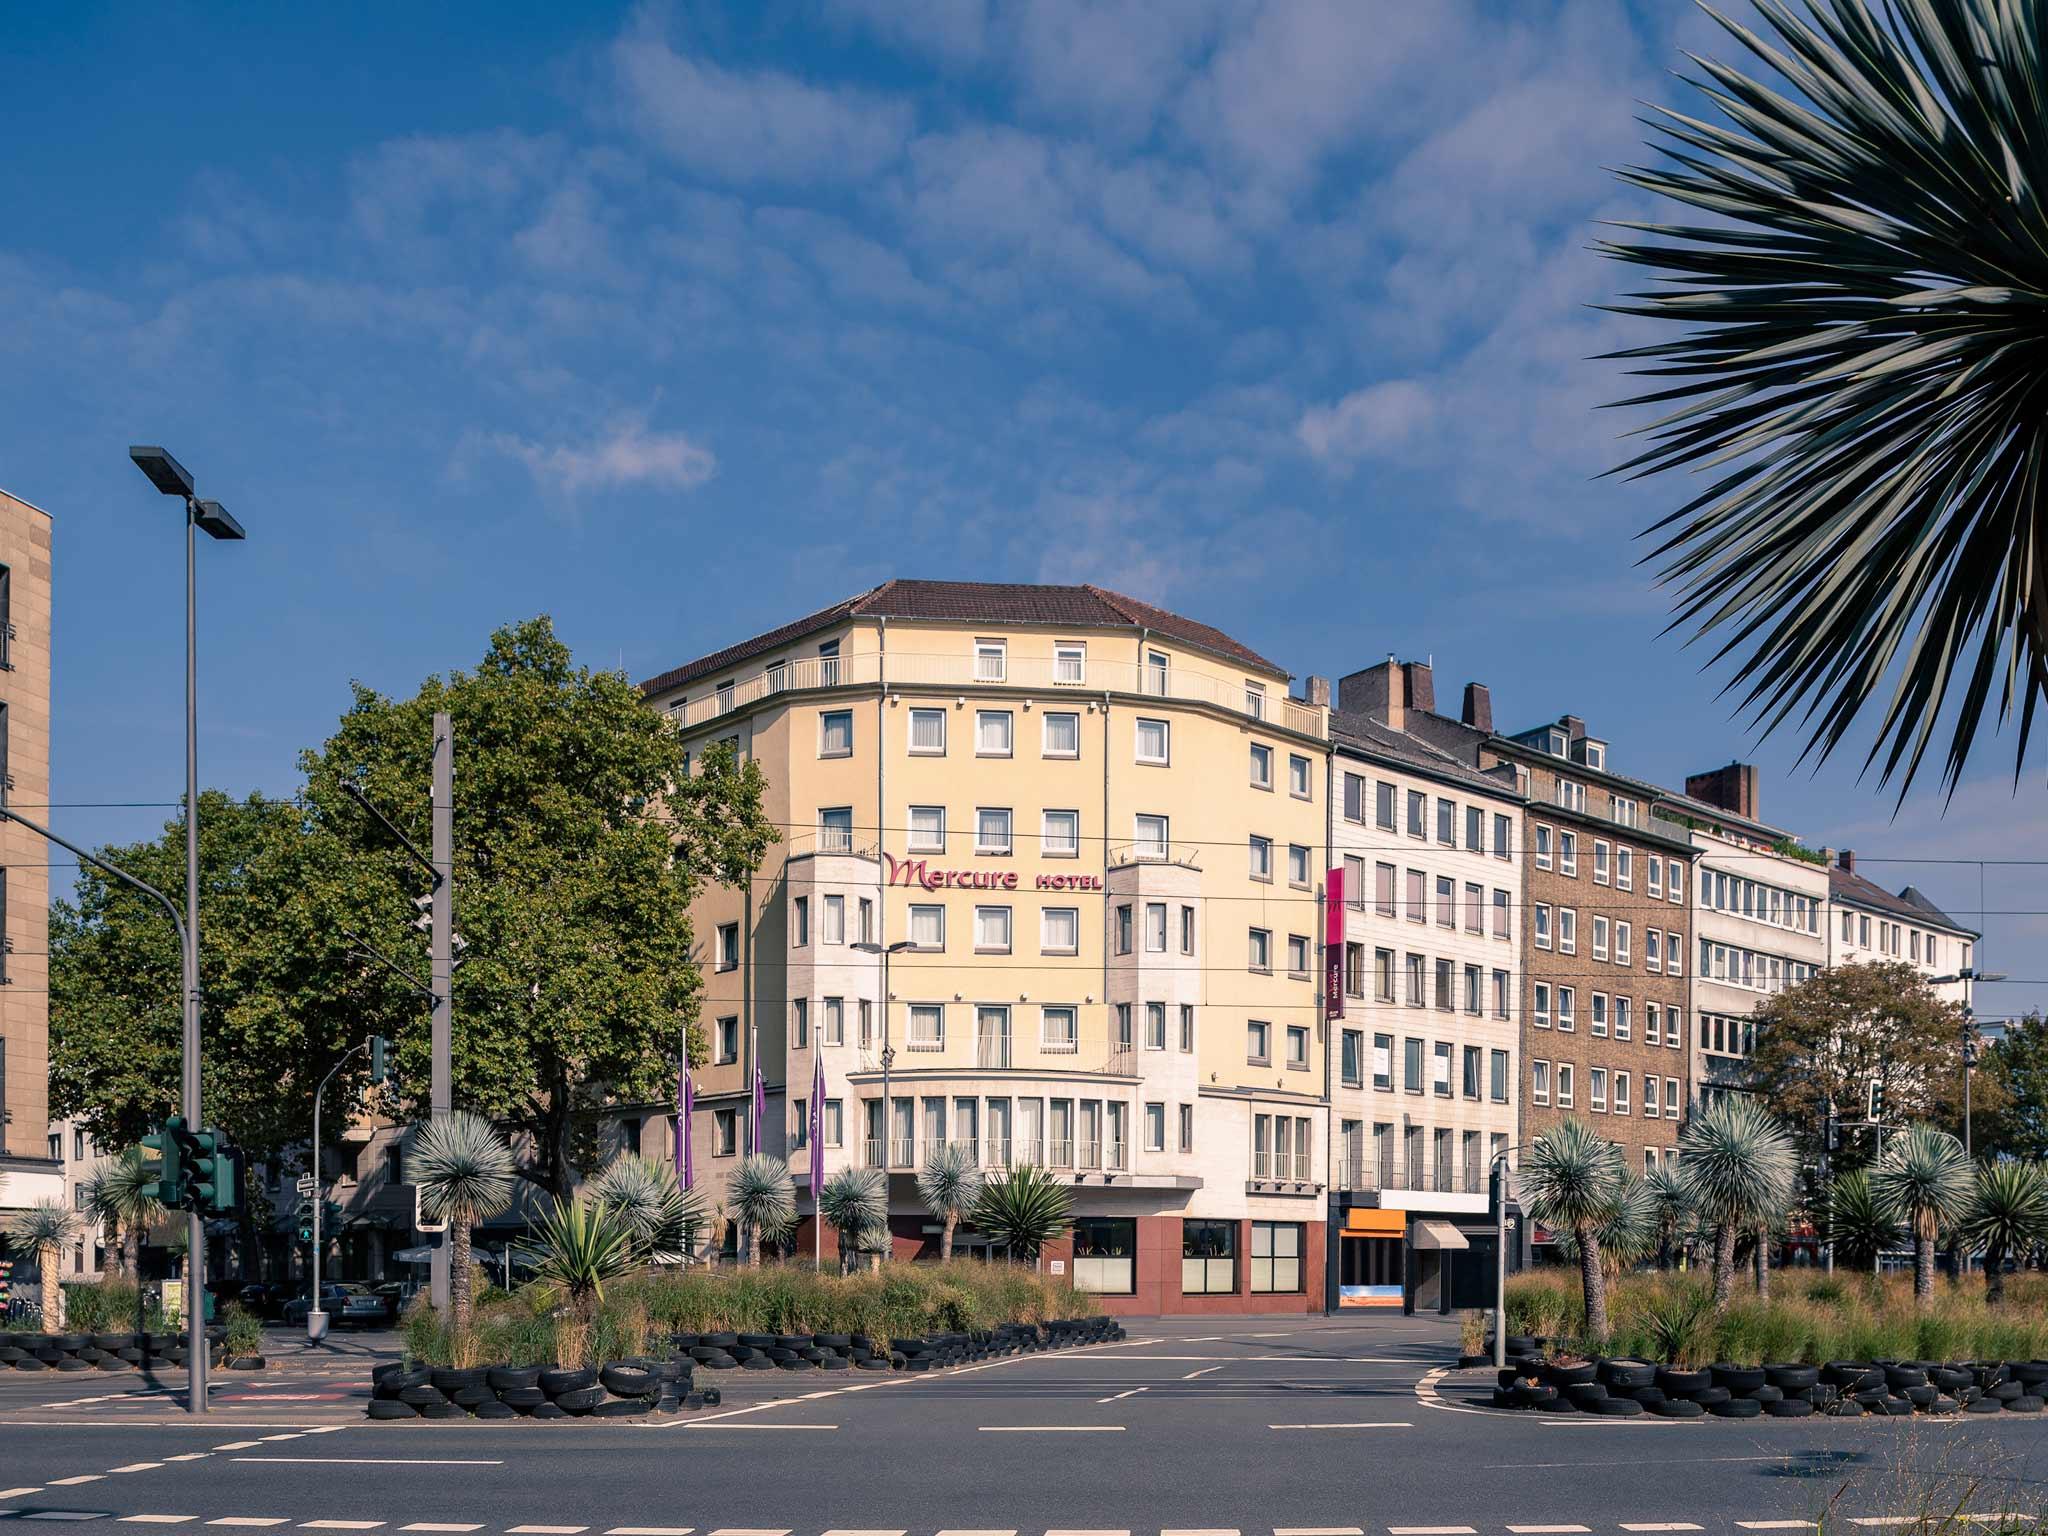 فندق - فندق مركيور Mercure دوسلدورف سيتي سنتر